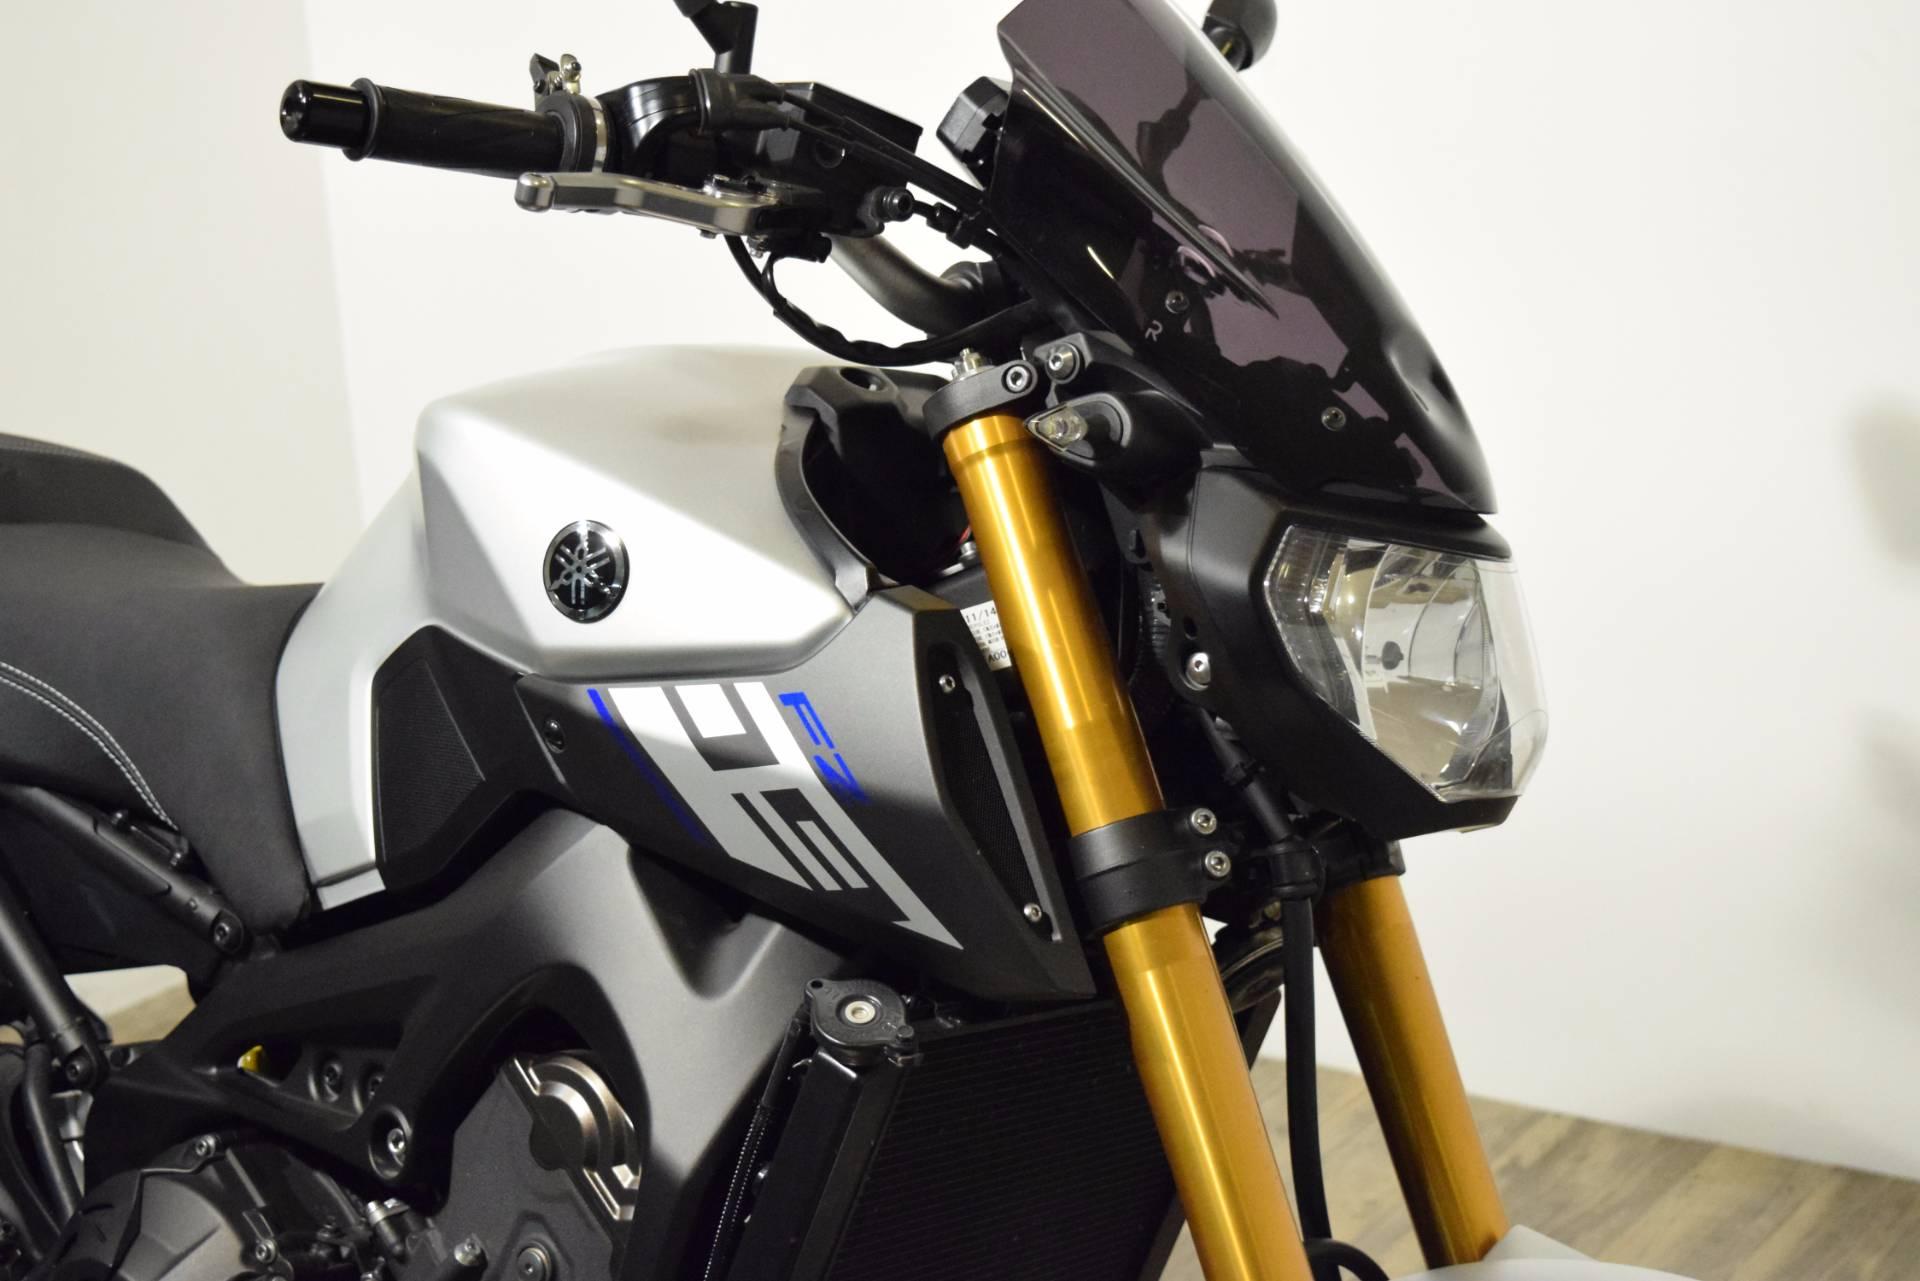 2015 Yamaha FZ-09 3